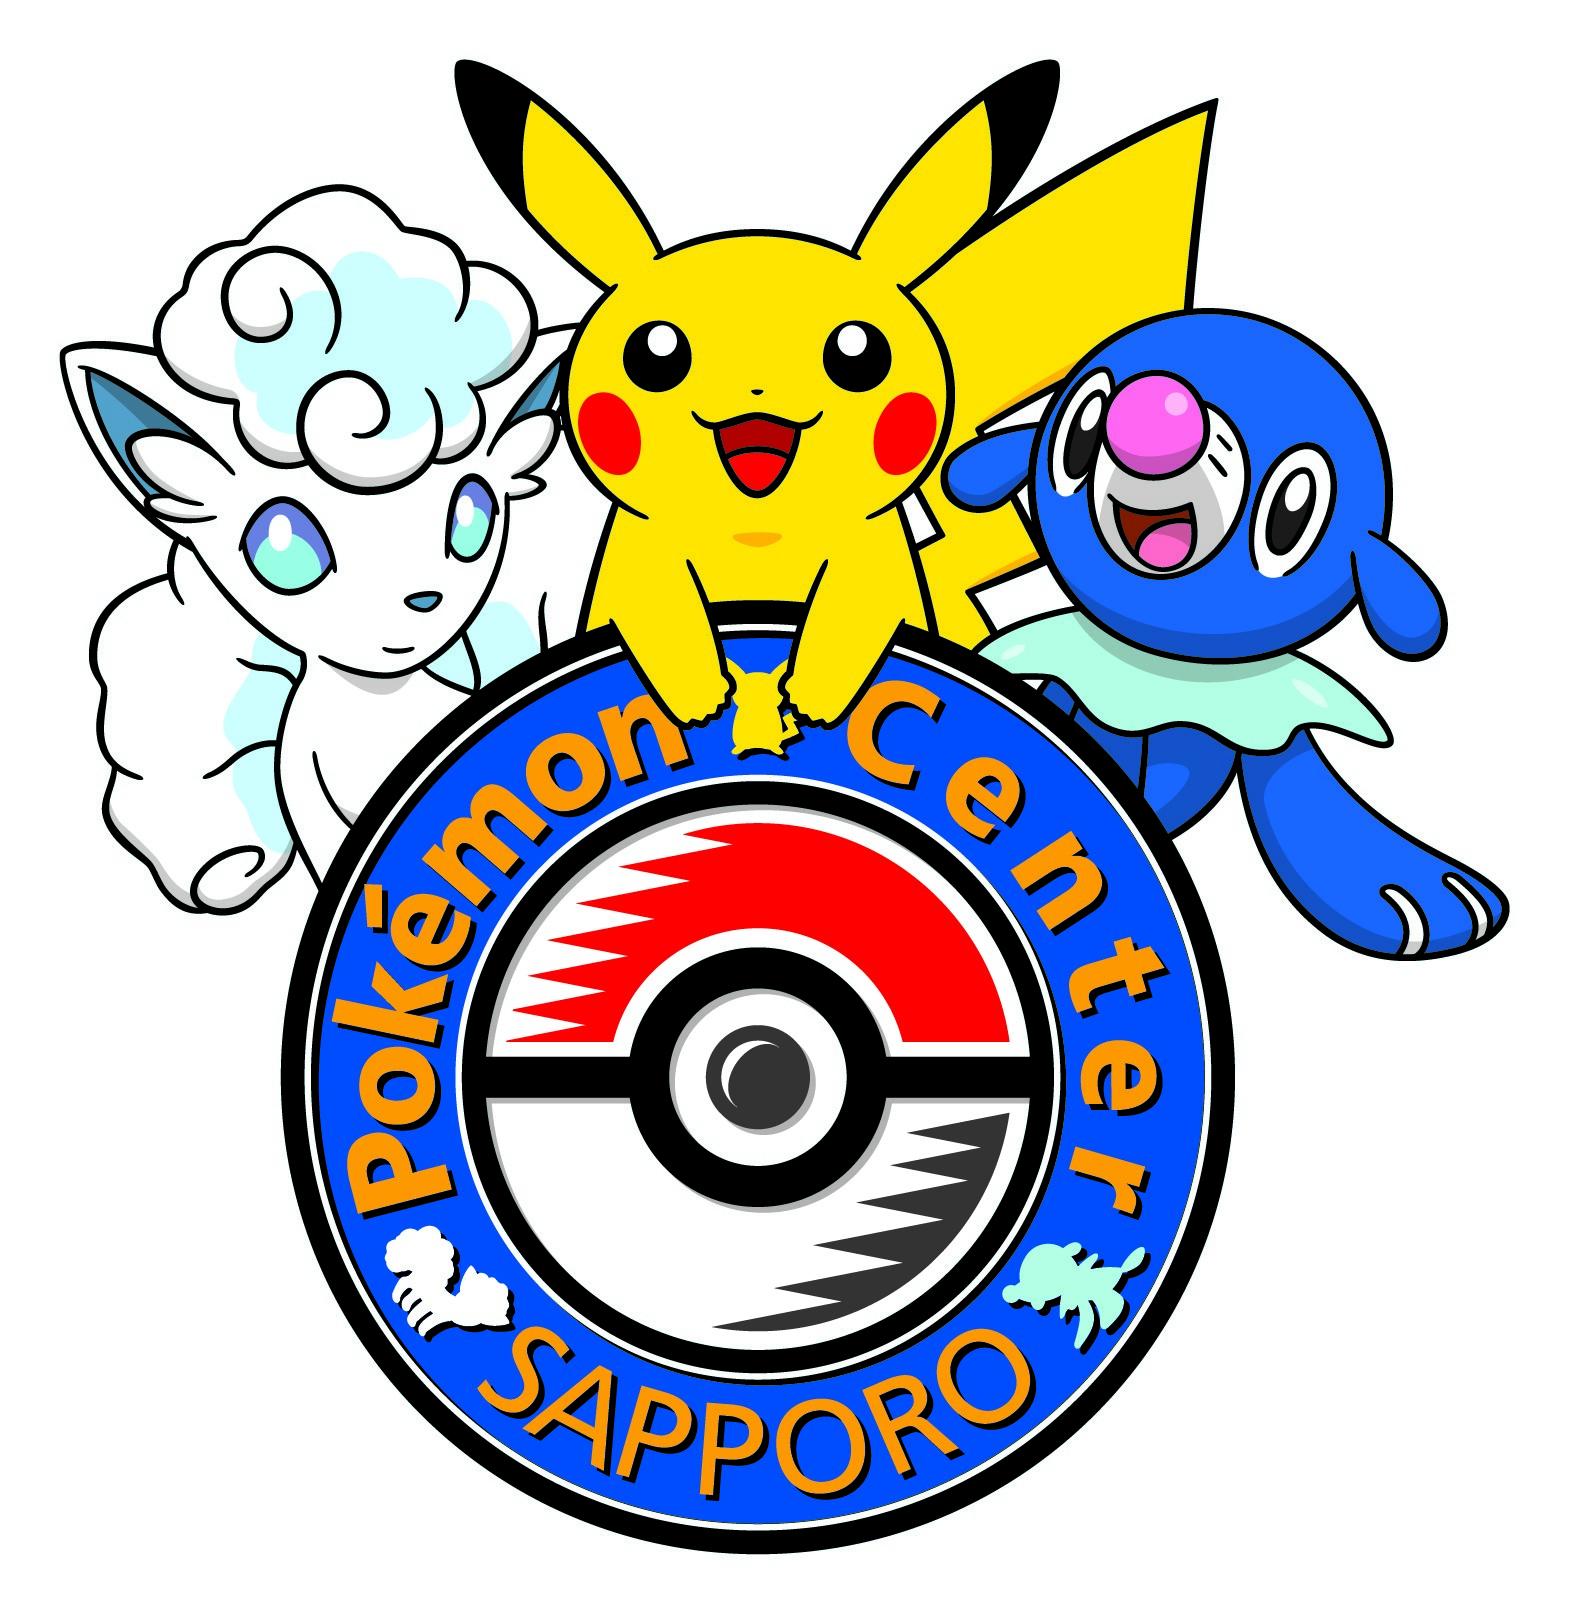 ポケモンセンターサッポロ」が2016年12月1日移転リニューアル。ロゴも